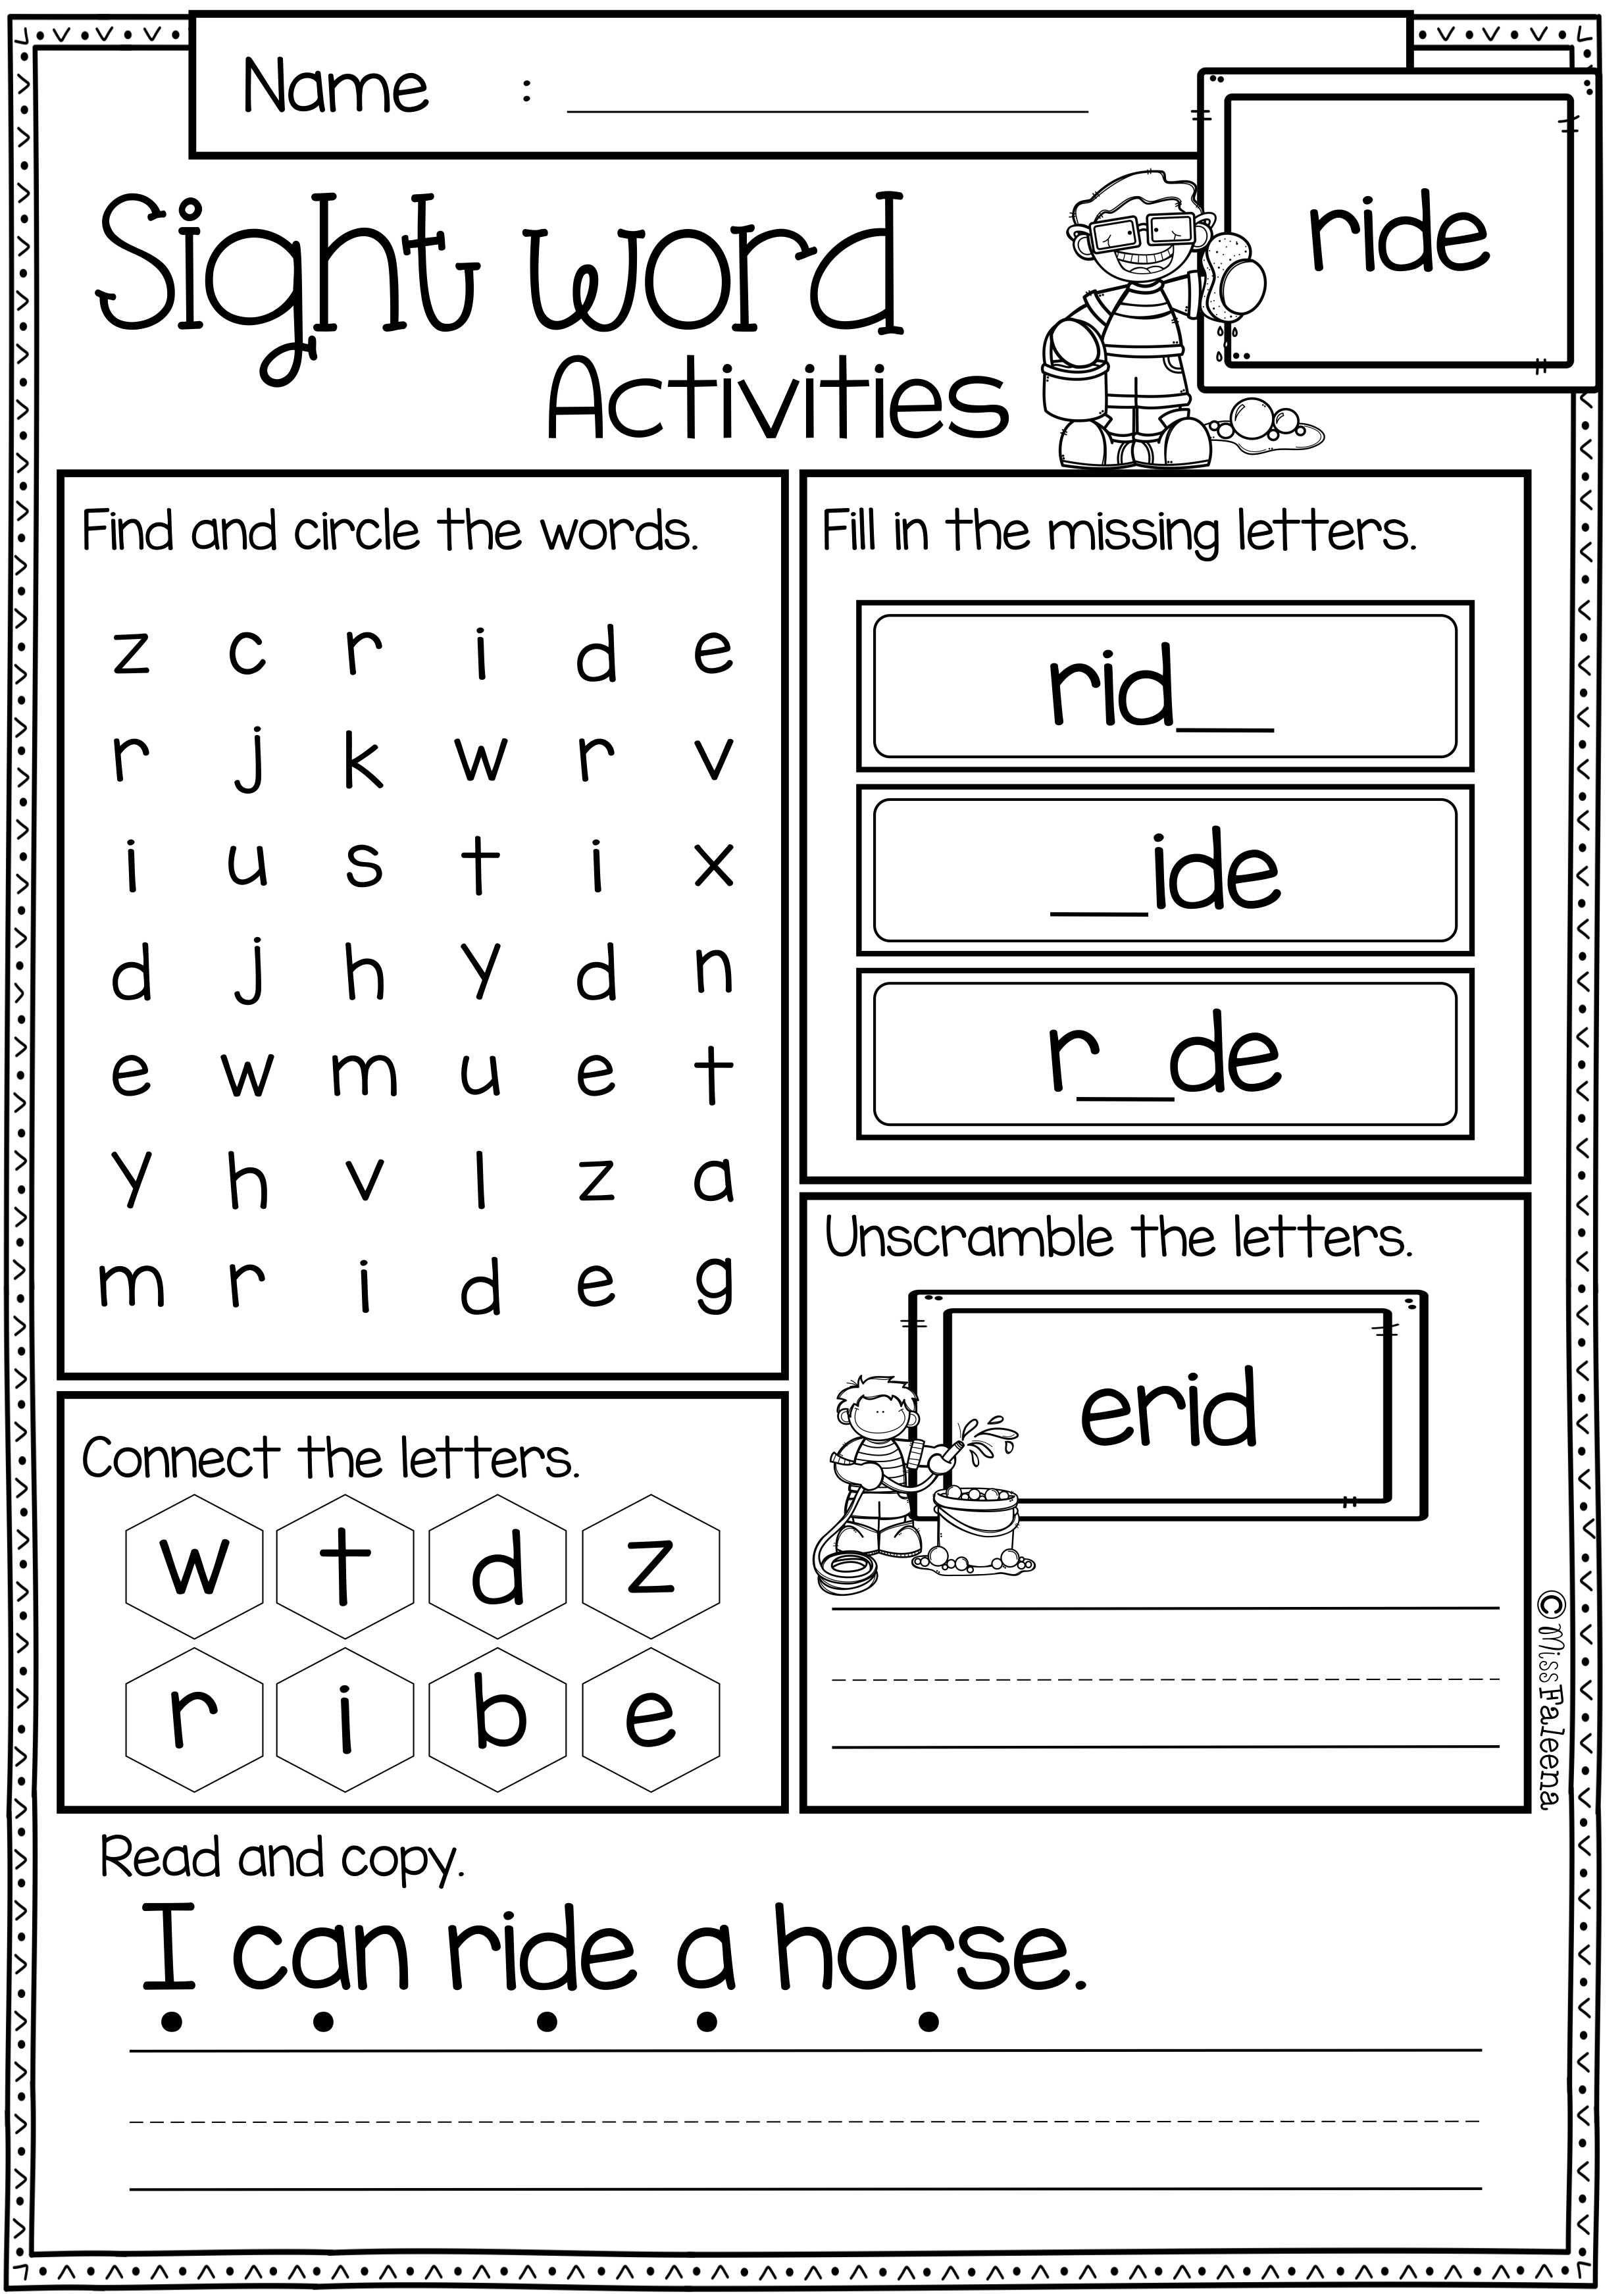 Sight Word Activities The Bundle Kindergarten Worksheets Sight Words Sight Words Kindergarten Sight Word Worksheets